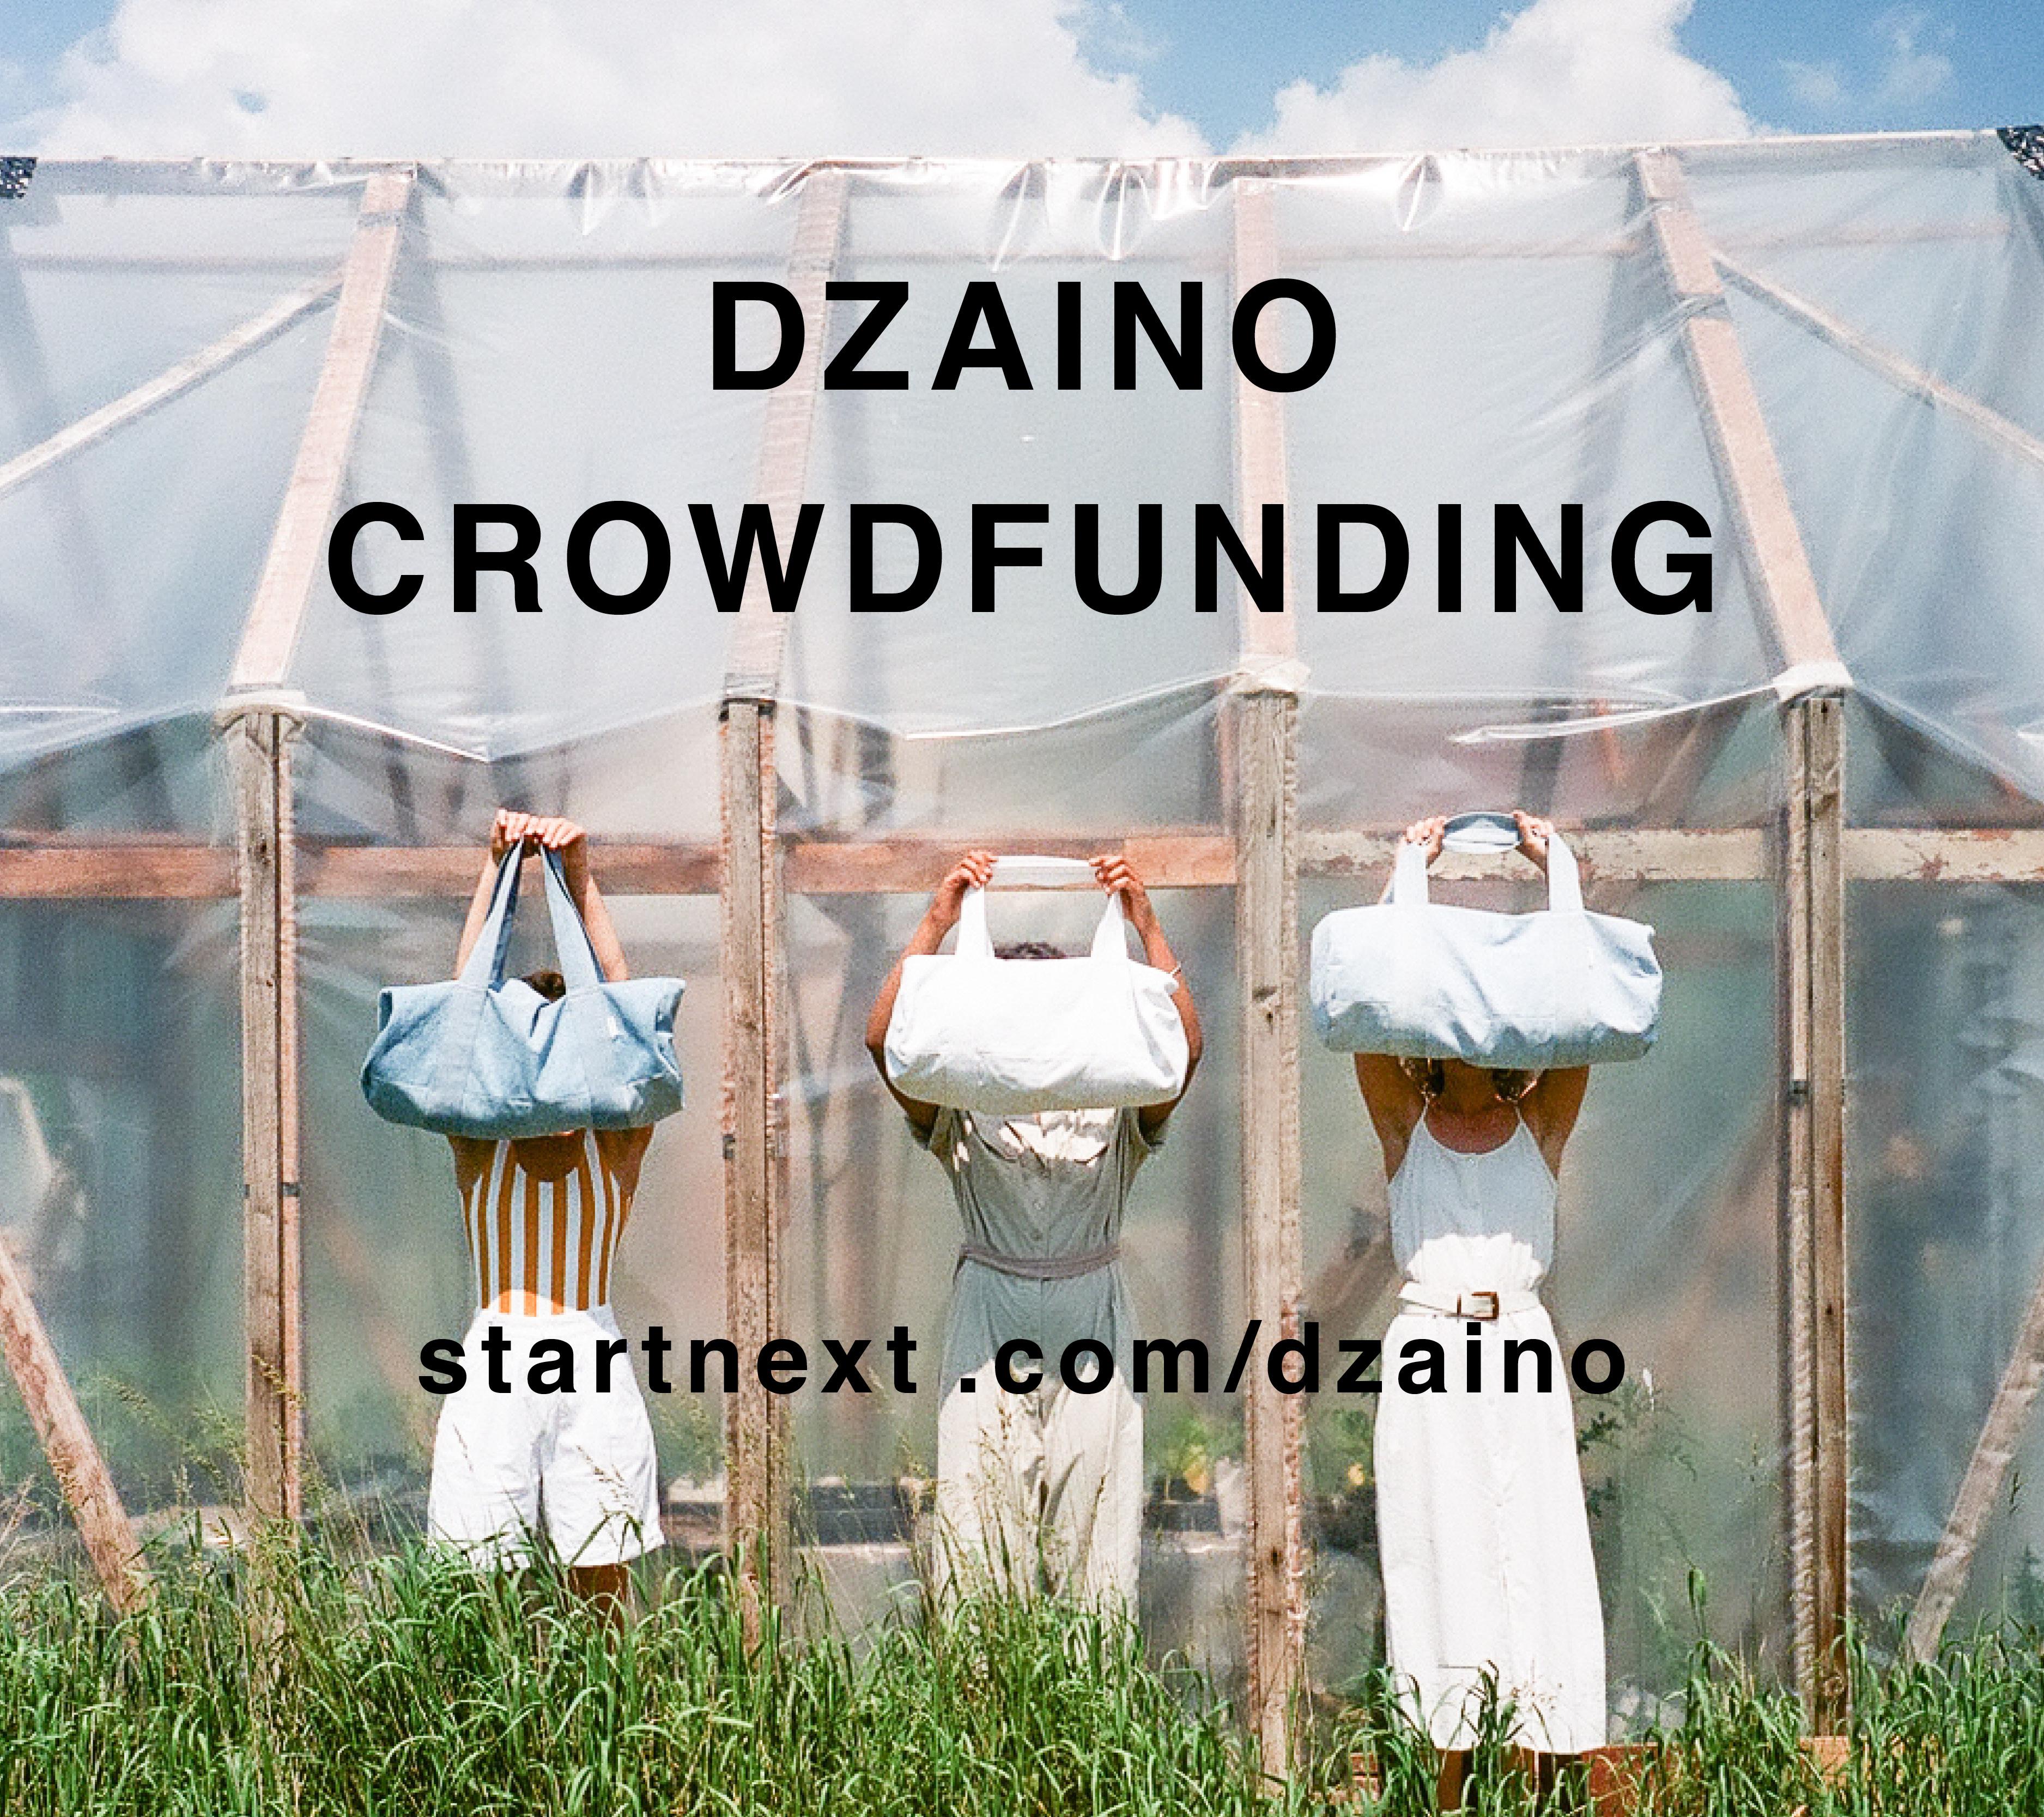 Dzaino Startnext Crowdfunding